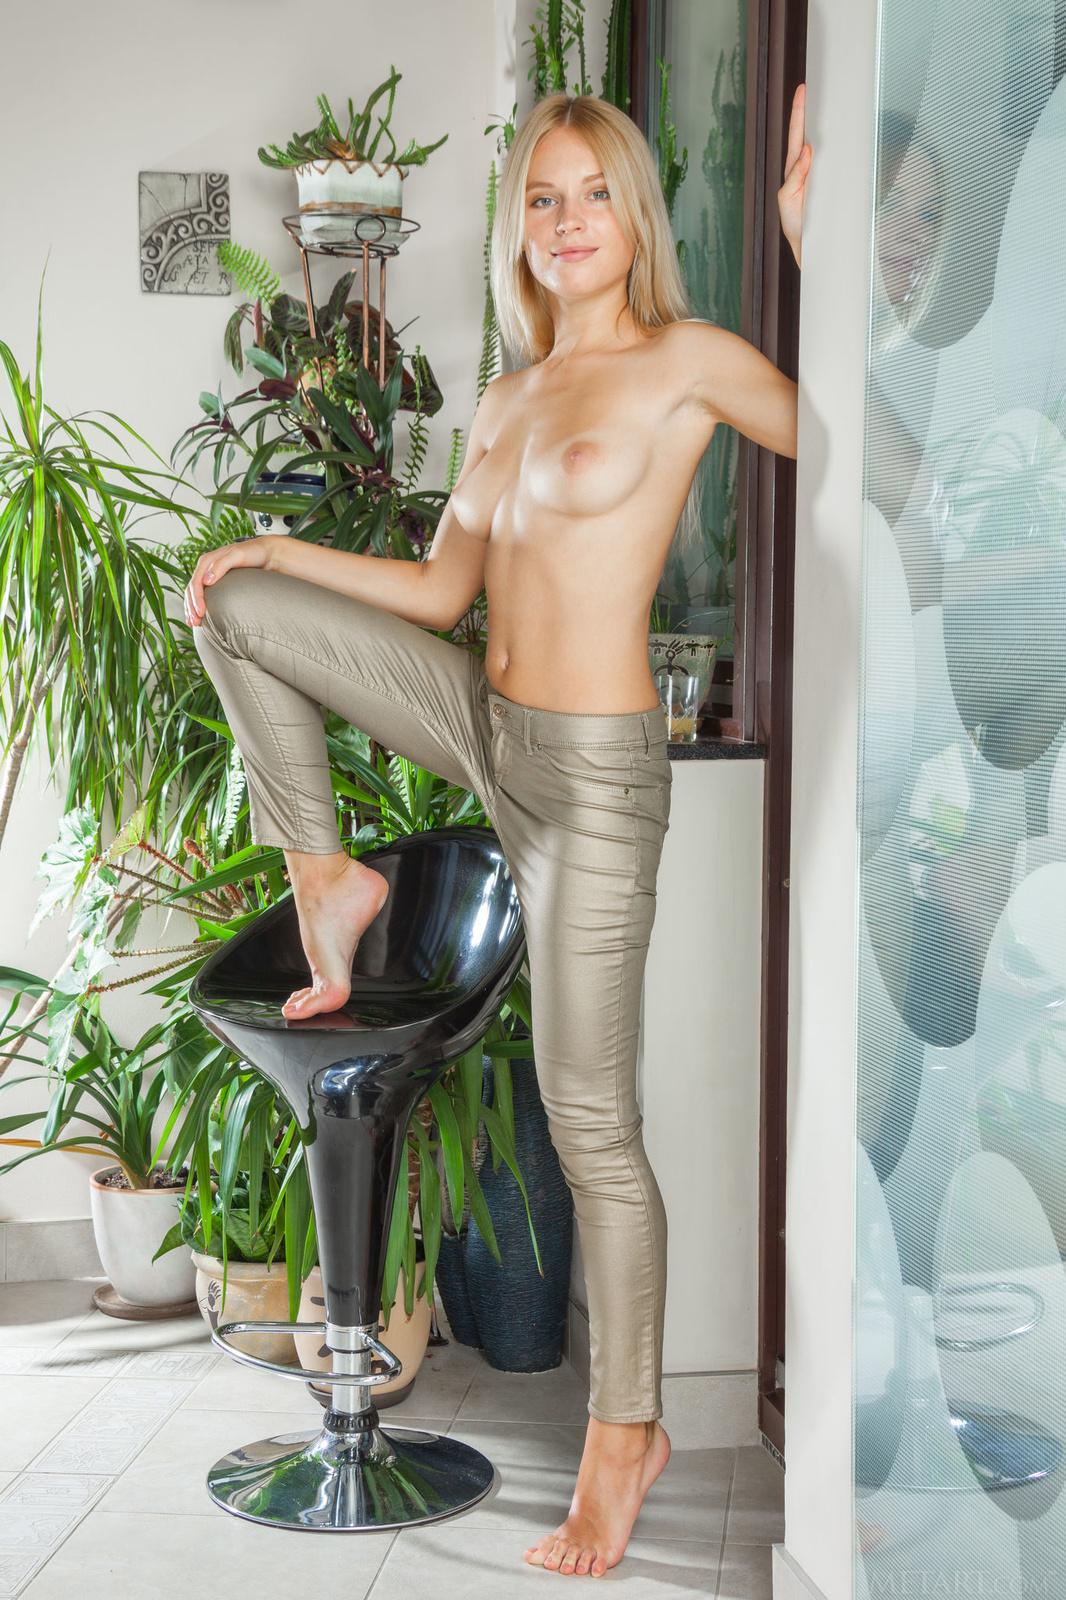 Zdjęcie porno - 074 - Dziewczyna zdejmuje spodnie